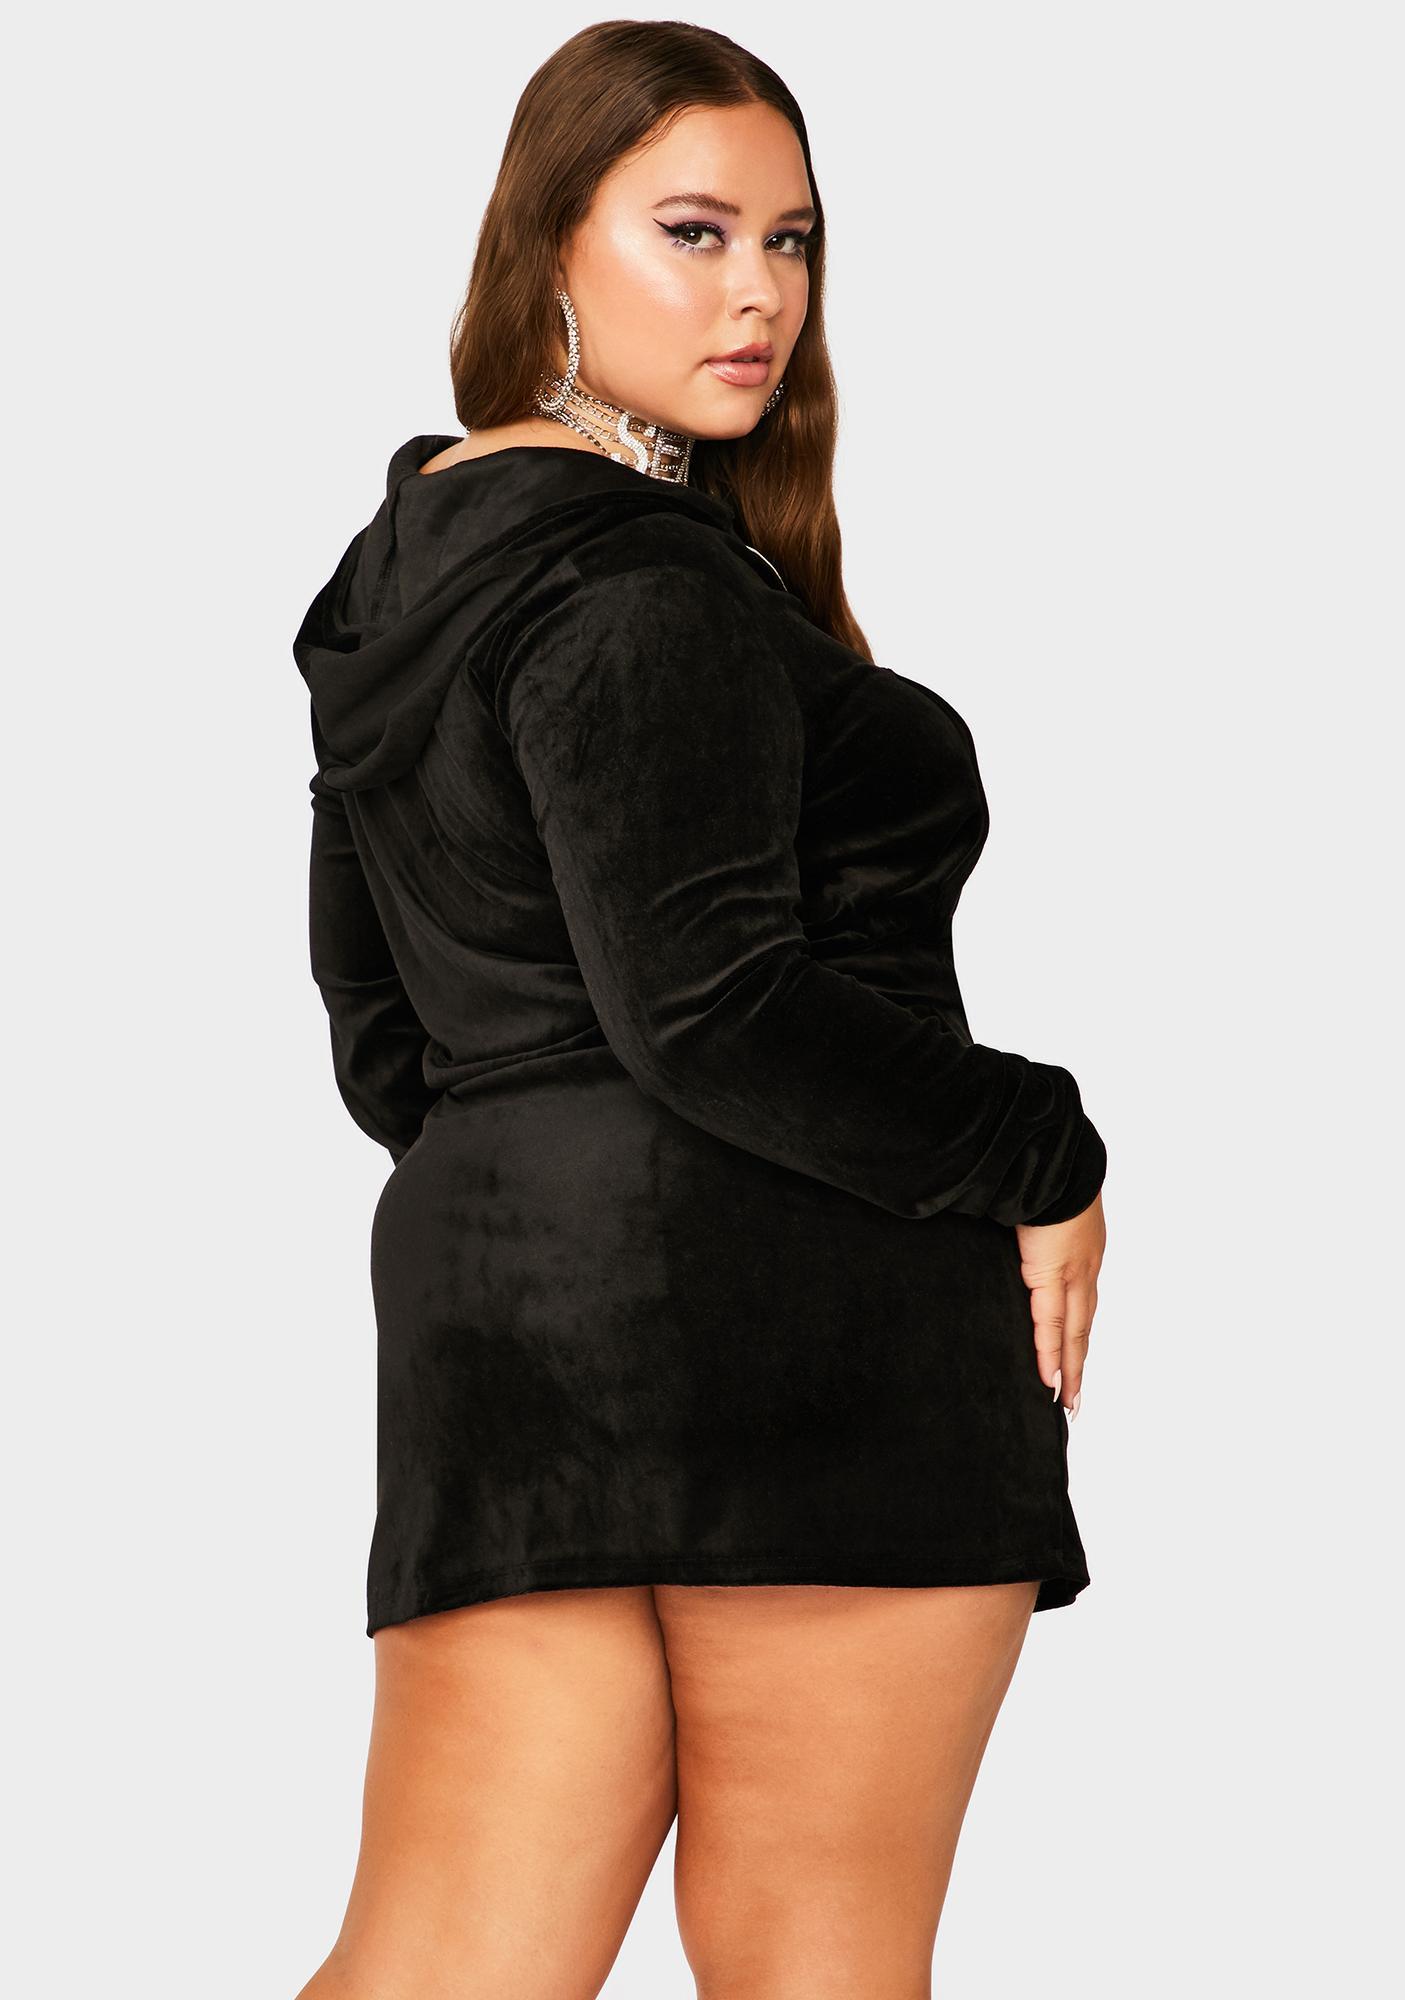 Lil Noir Proper Plush Velour Skirt Set